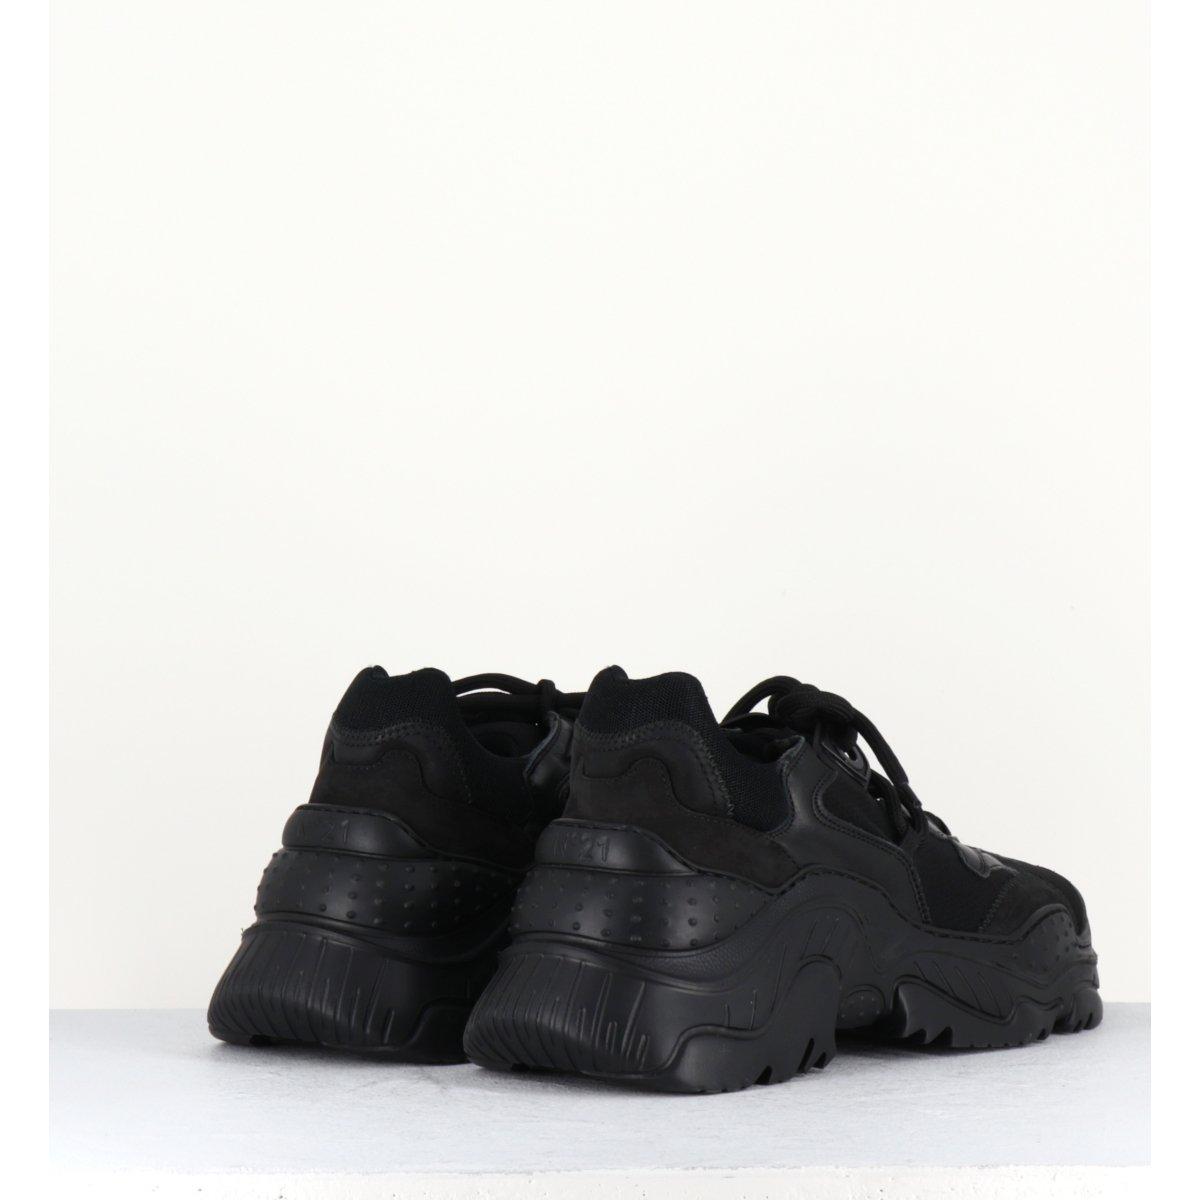 Sneakers à semelles épaisses débordantes noir N°21 pour hommes - 118FN